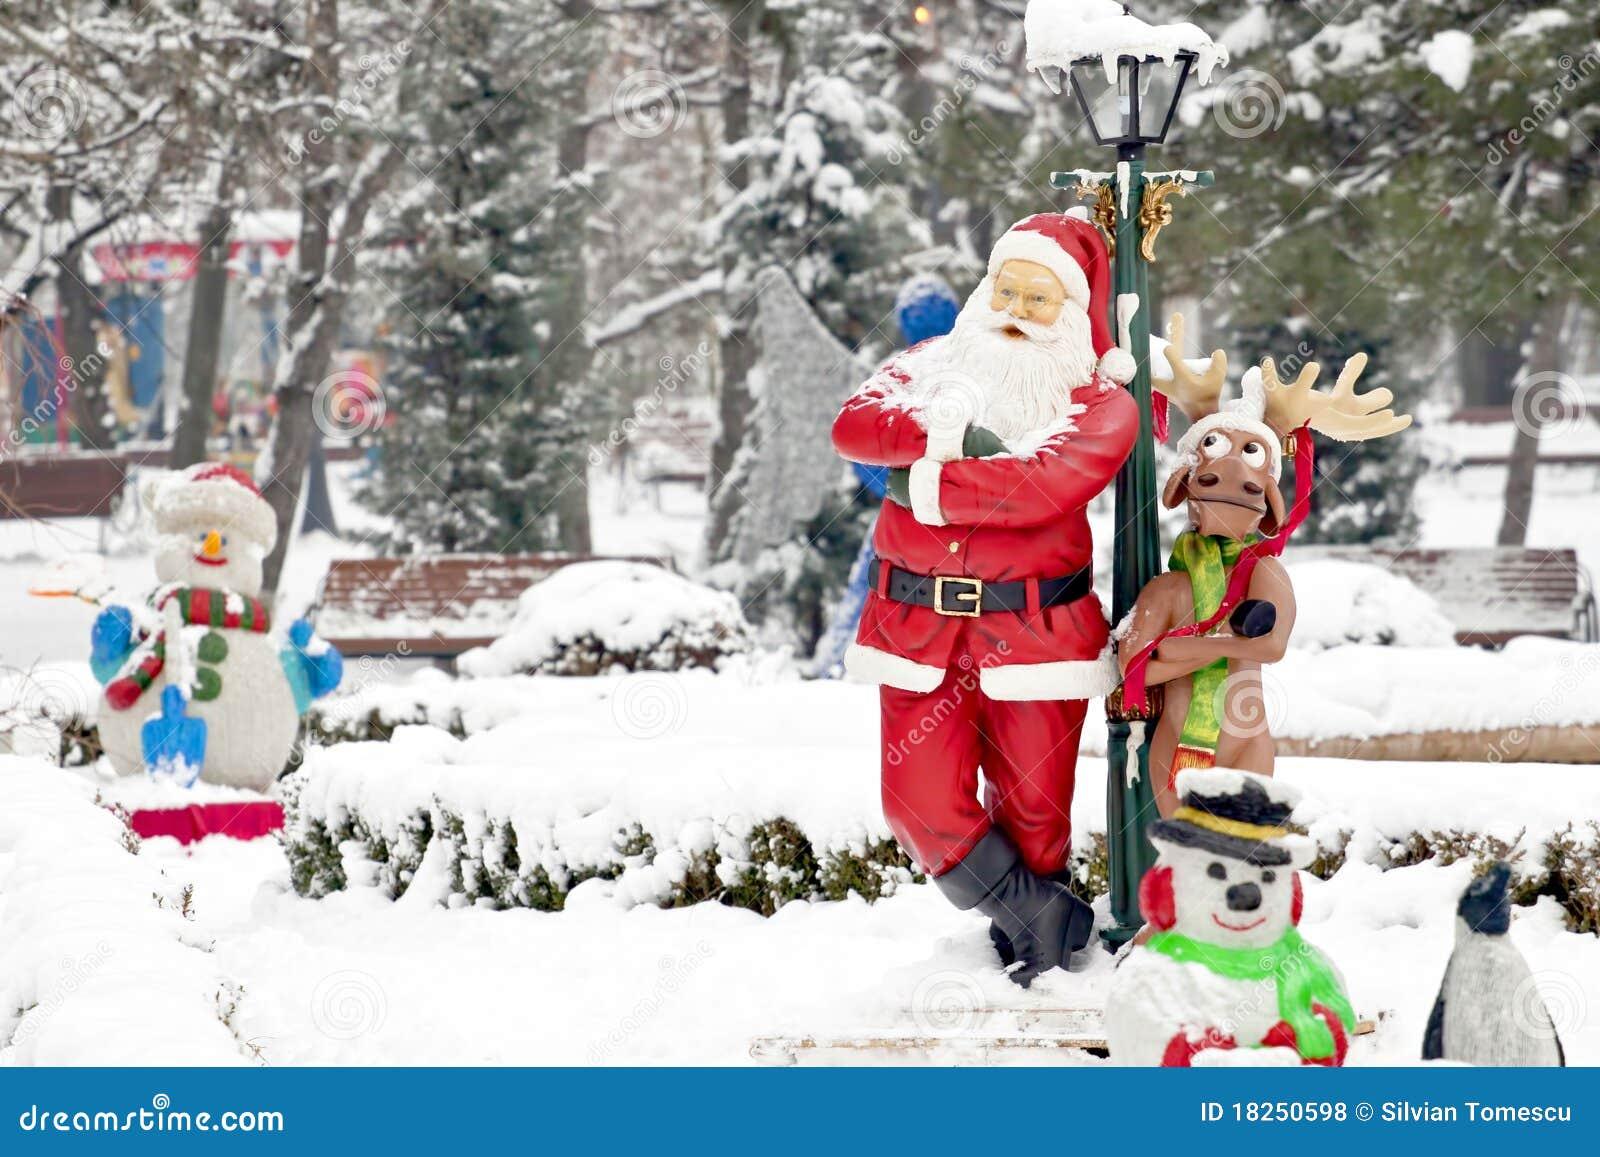 Real Santa And His Reindeer Santa claus and his reindeer